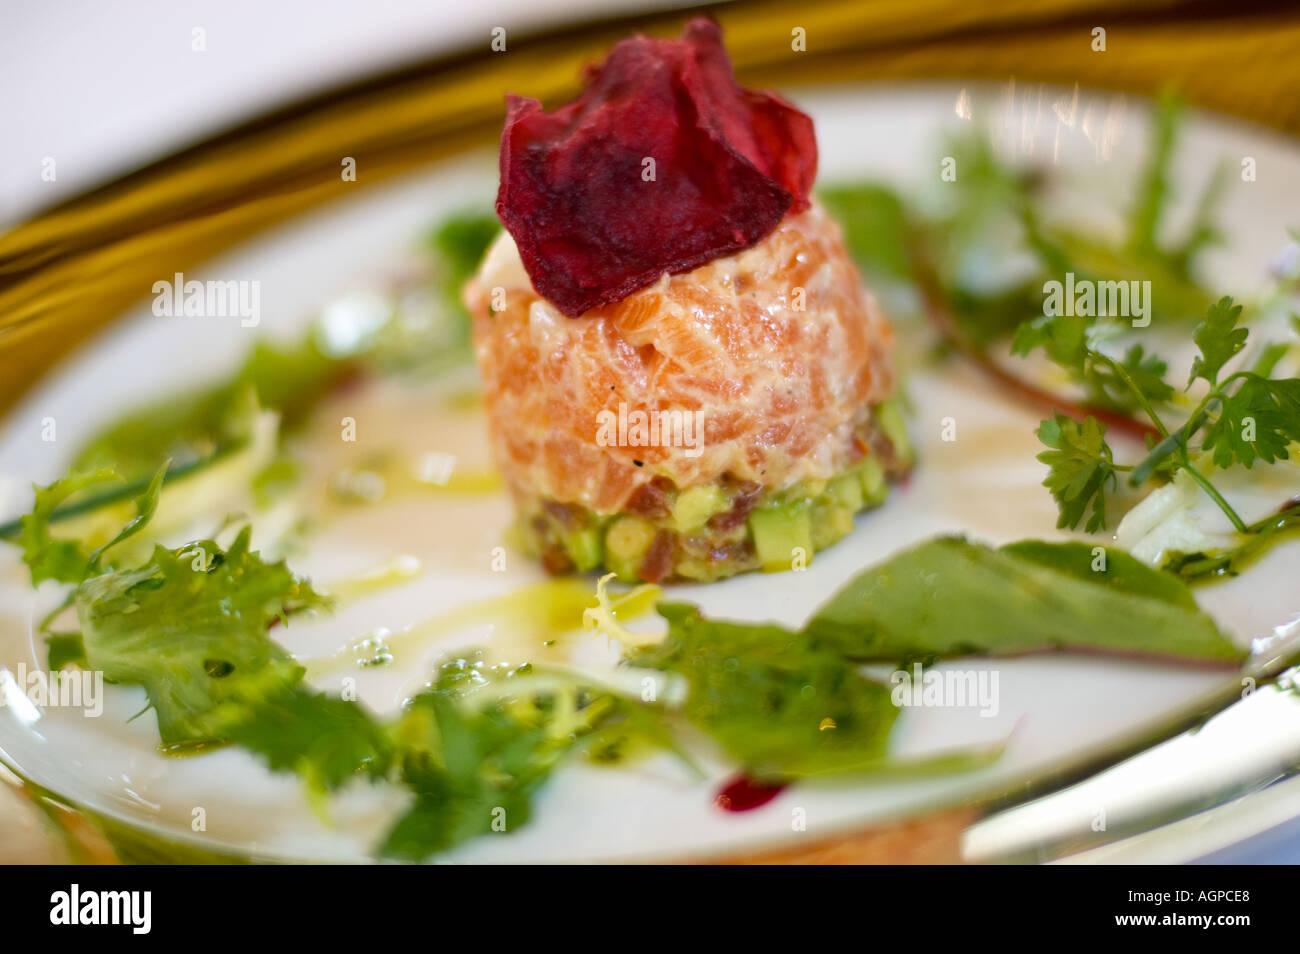 Fine Dining - Lachs terrine Starter auf einem weißen Teller mit Goldrand Stockbild